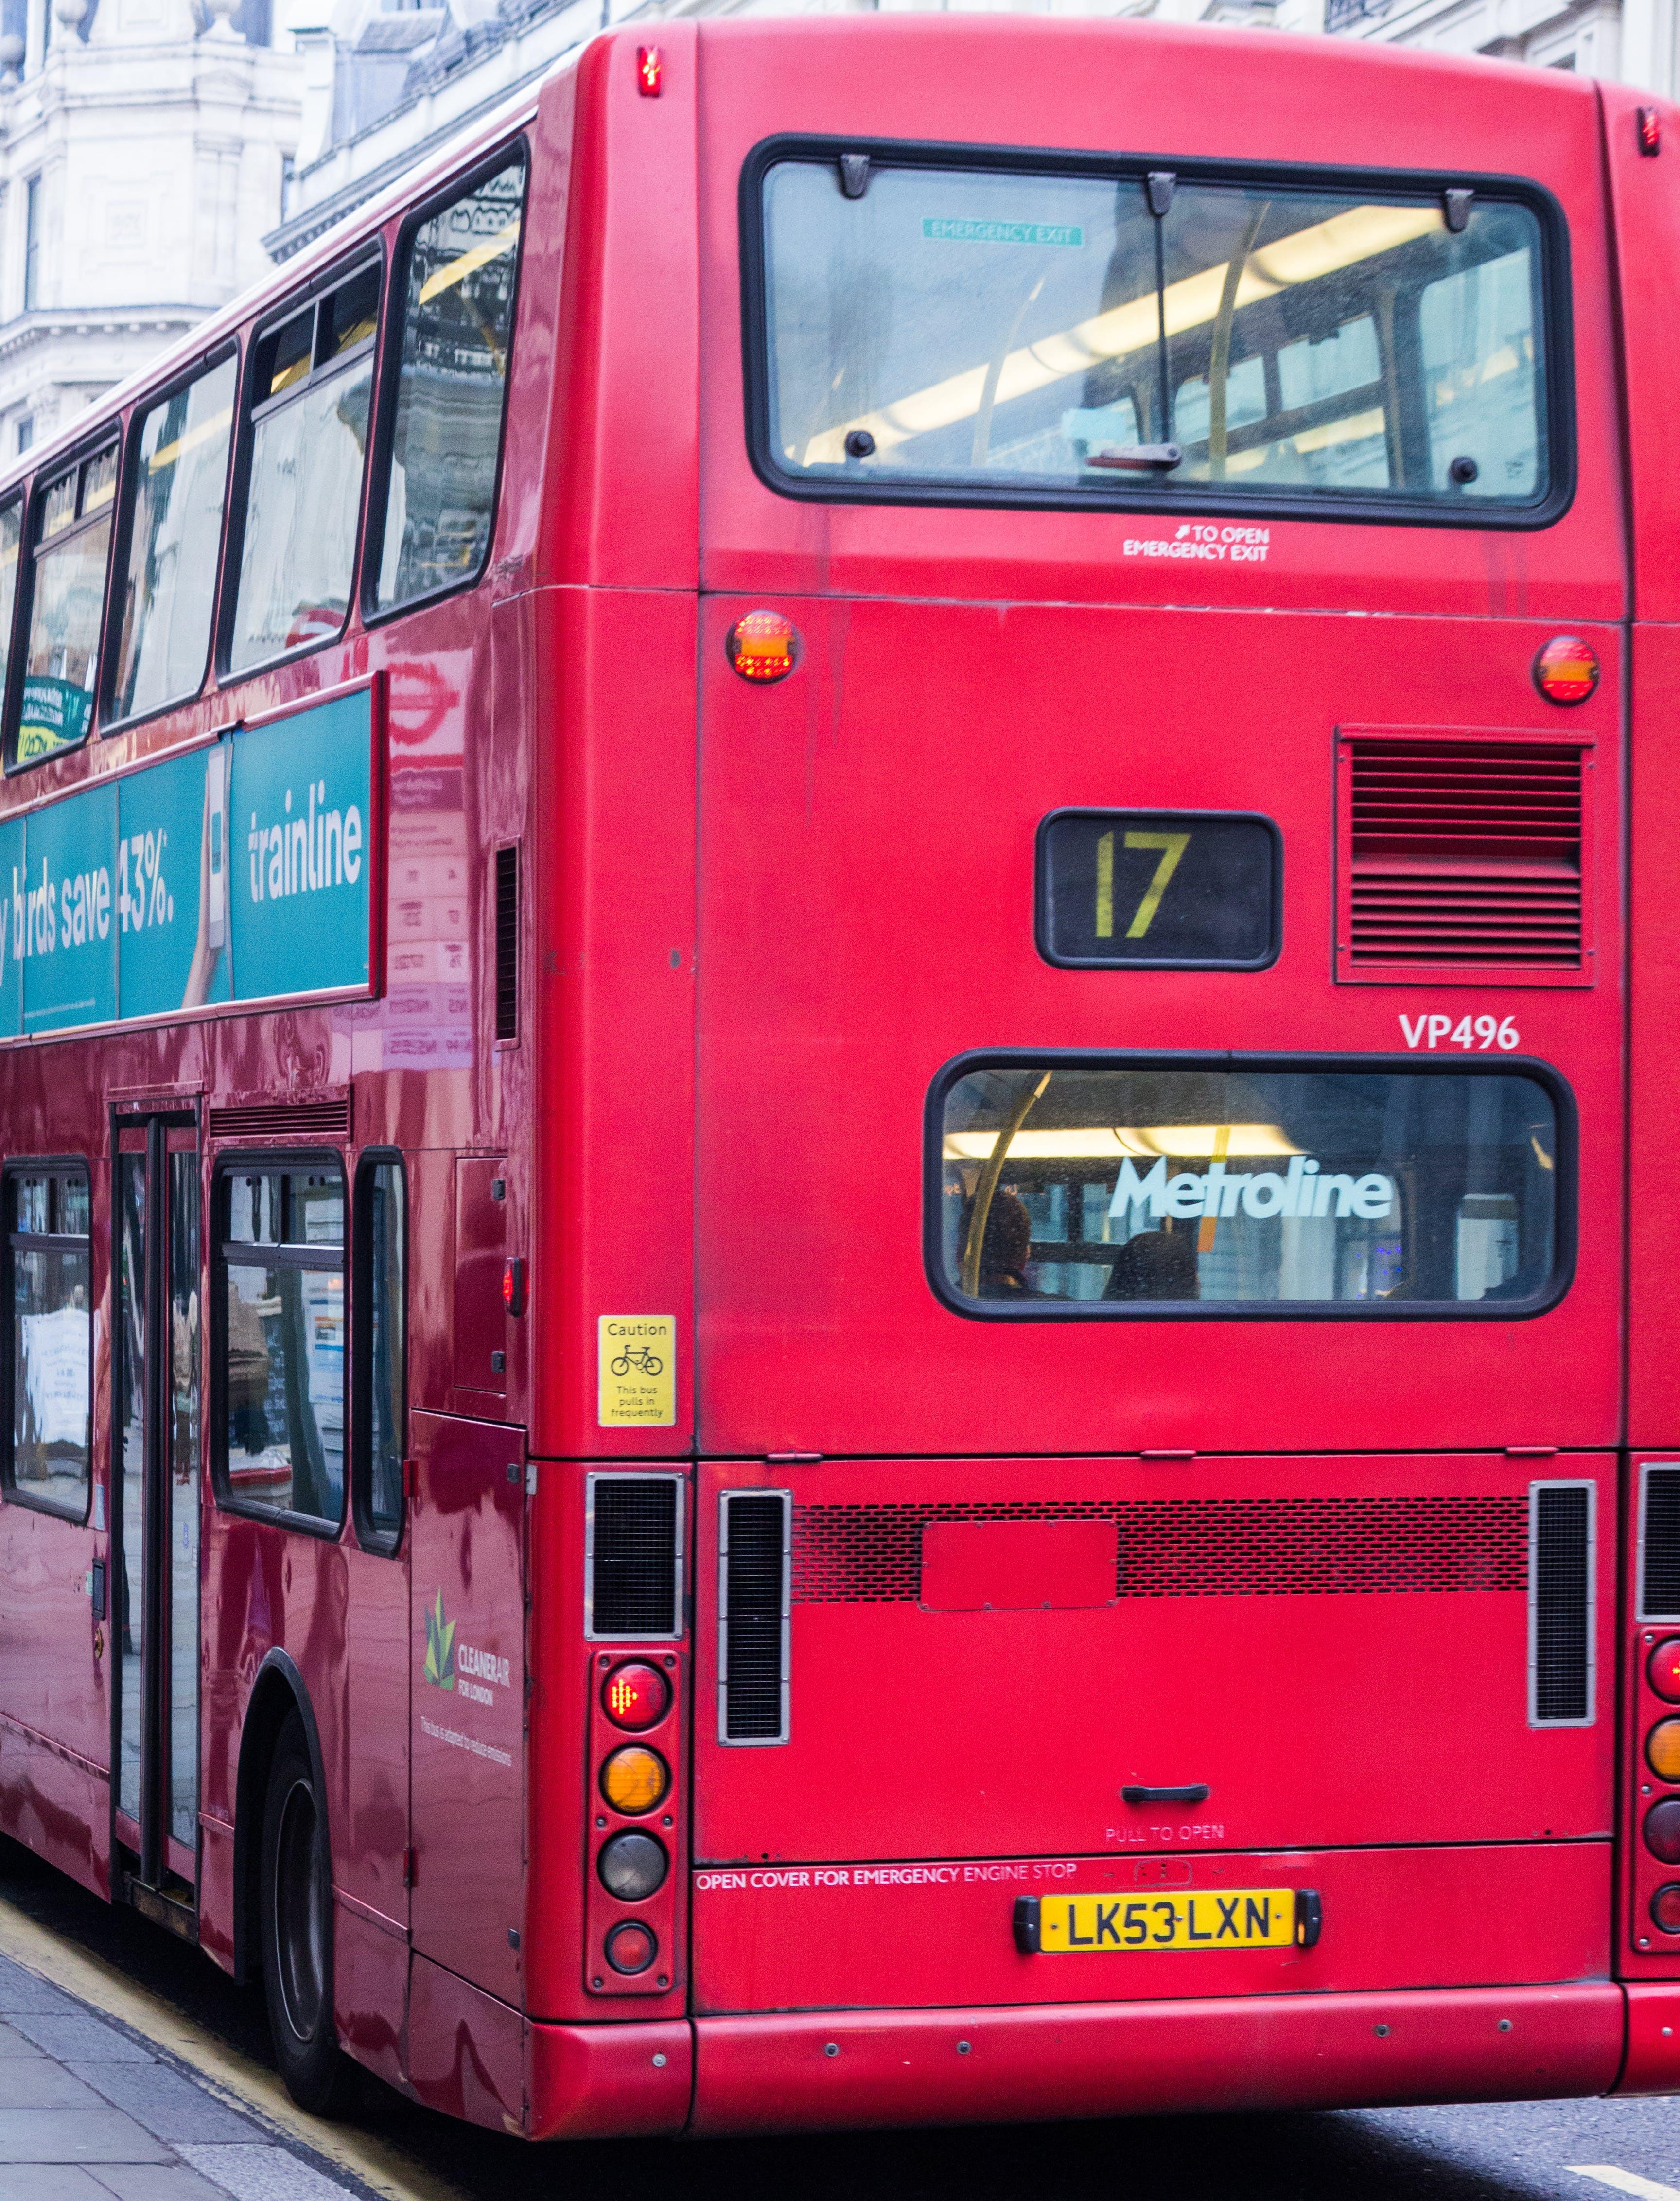 bus, cable car, city